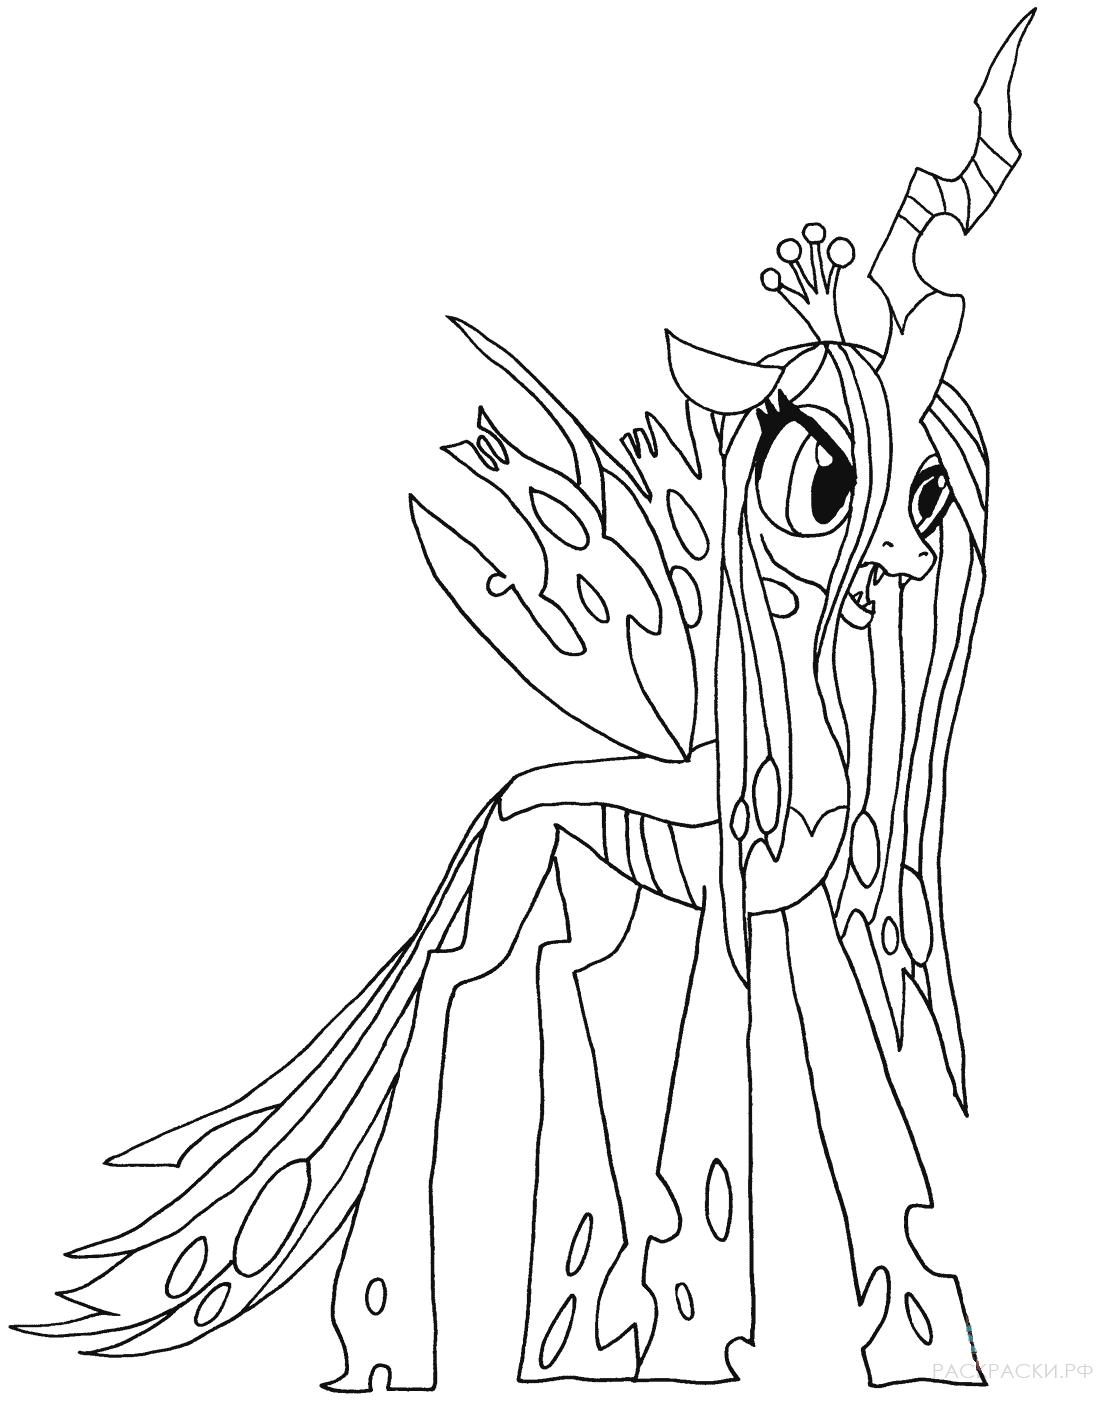 Раскраска Май Литл Пони: Королева Крисалис » Раскраски.рф ...